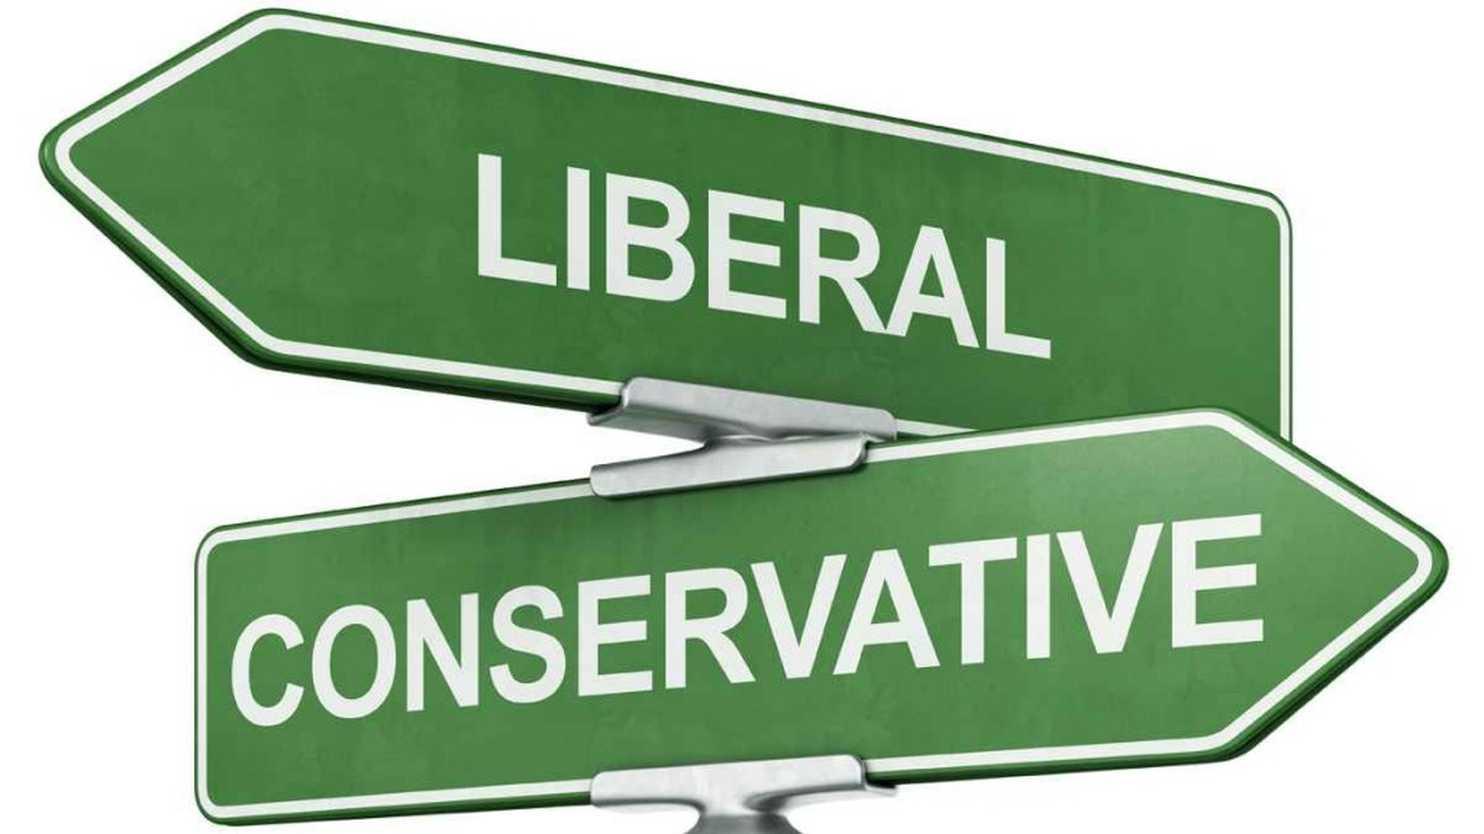 Znalezione obrazy dla zapytania konserwatyzm